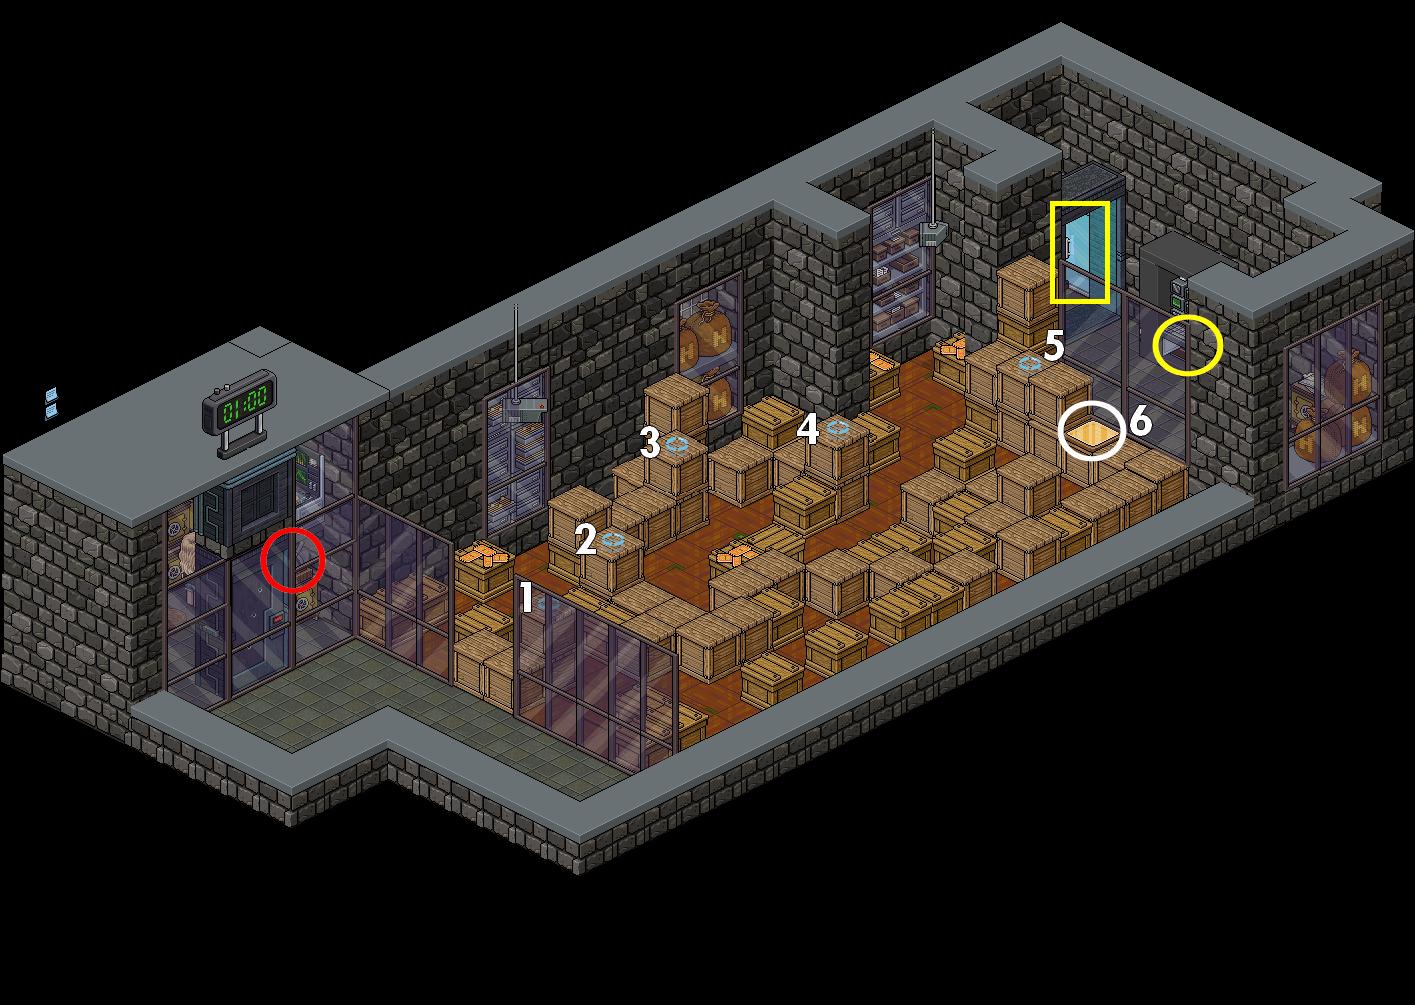 [CDP] - Fabrique de la Monnaie - Passage secret